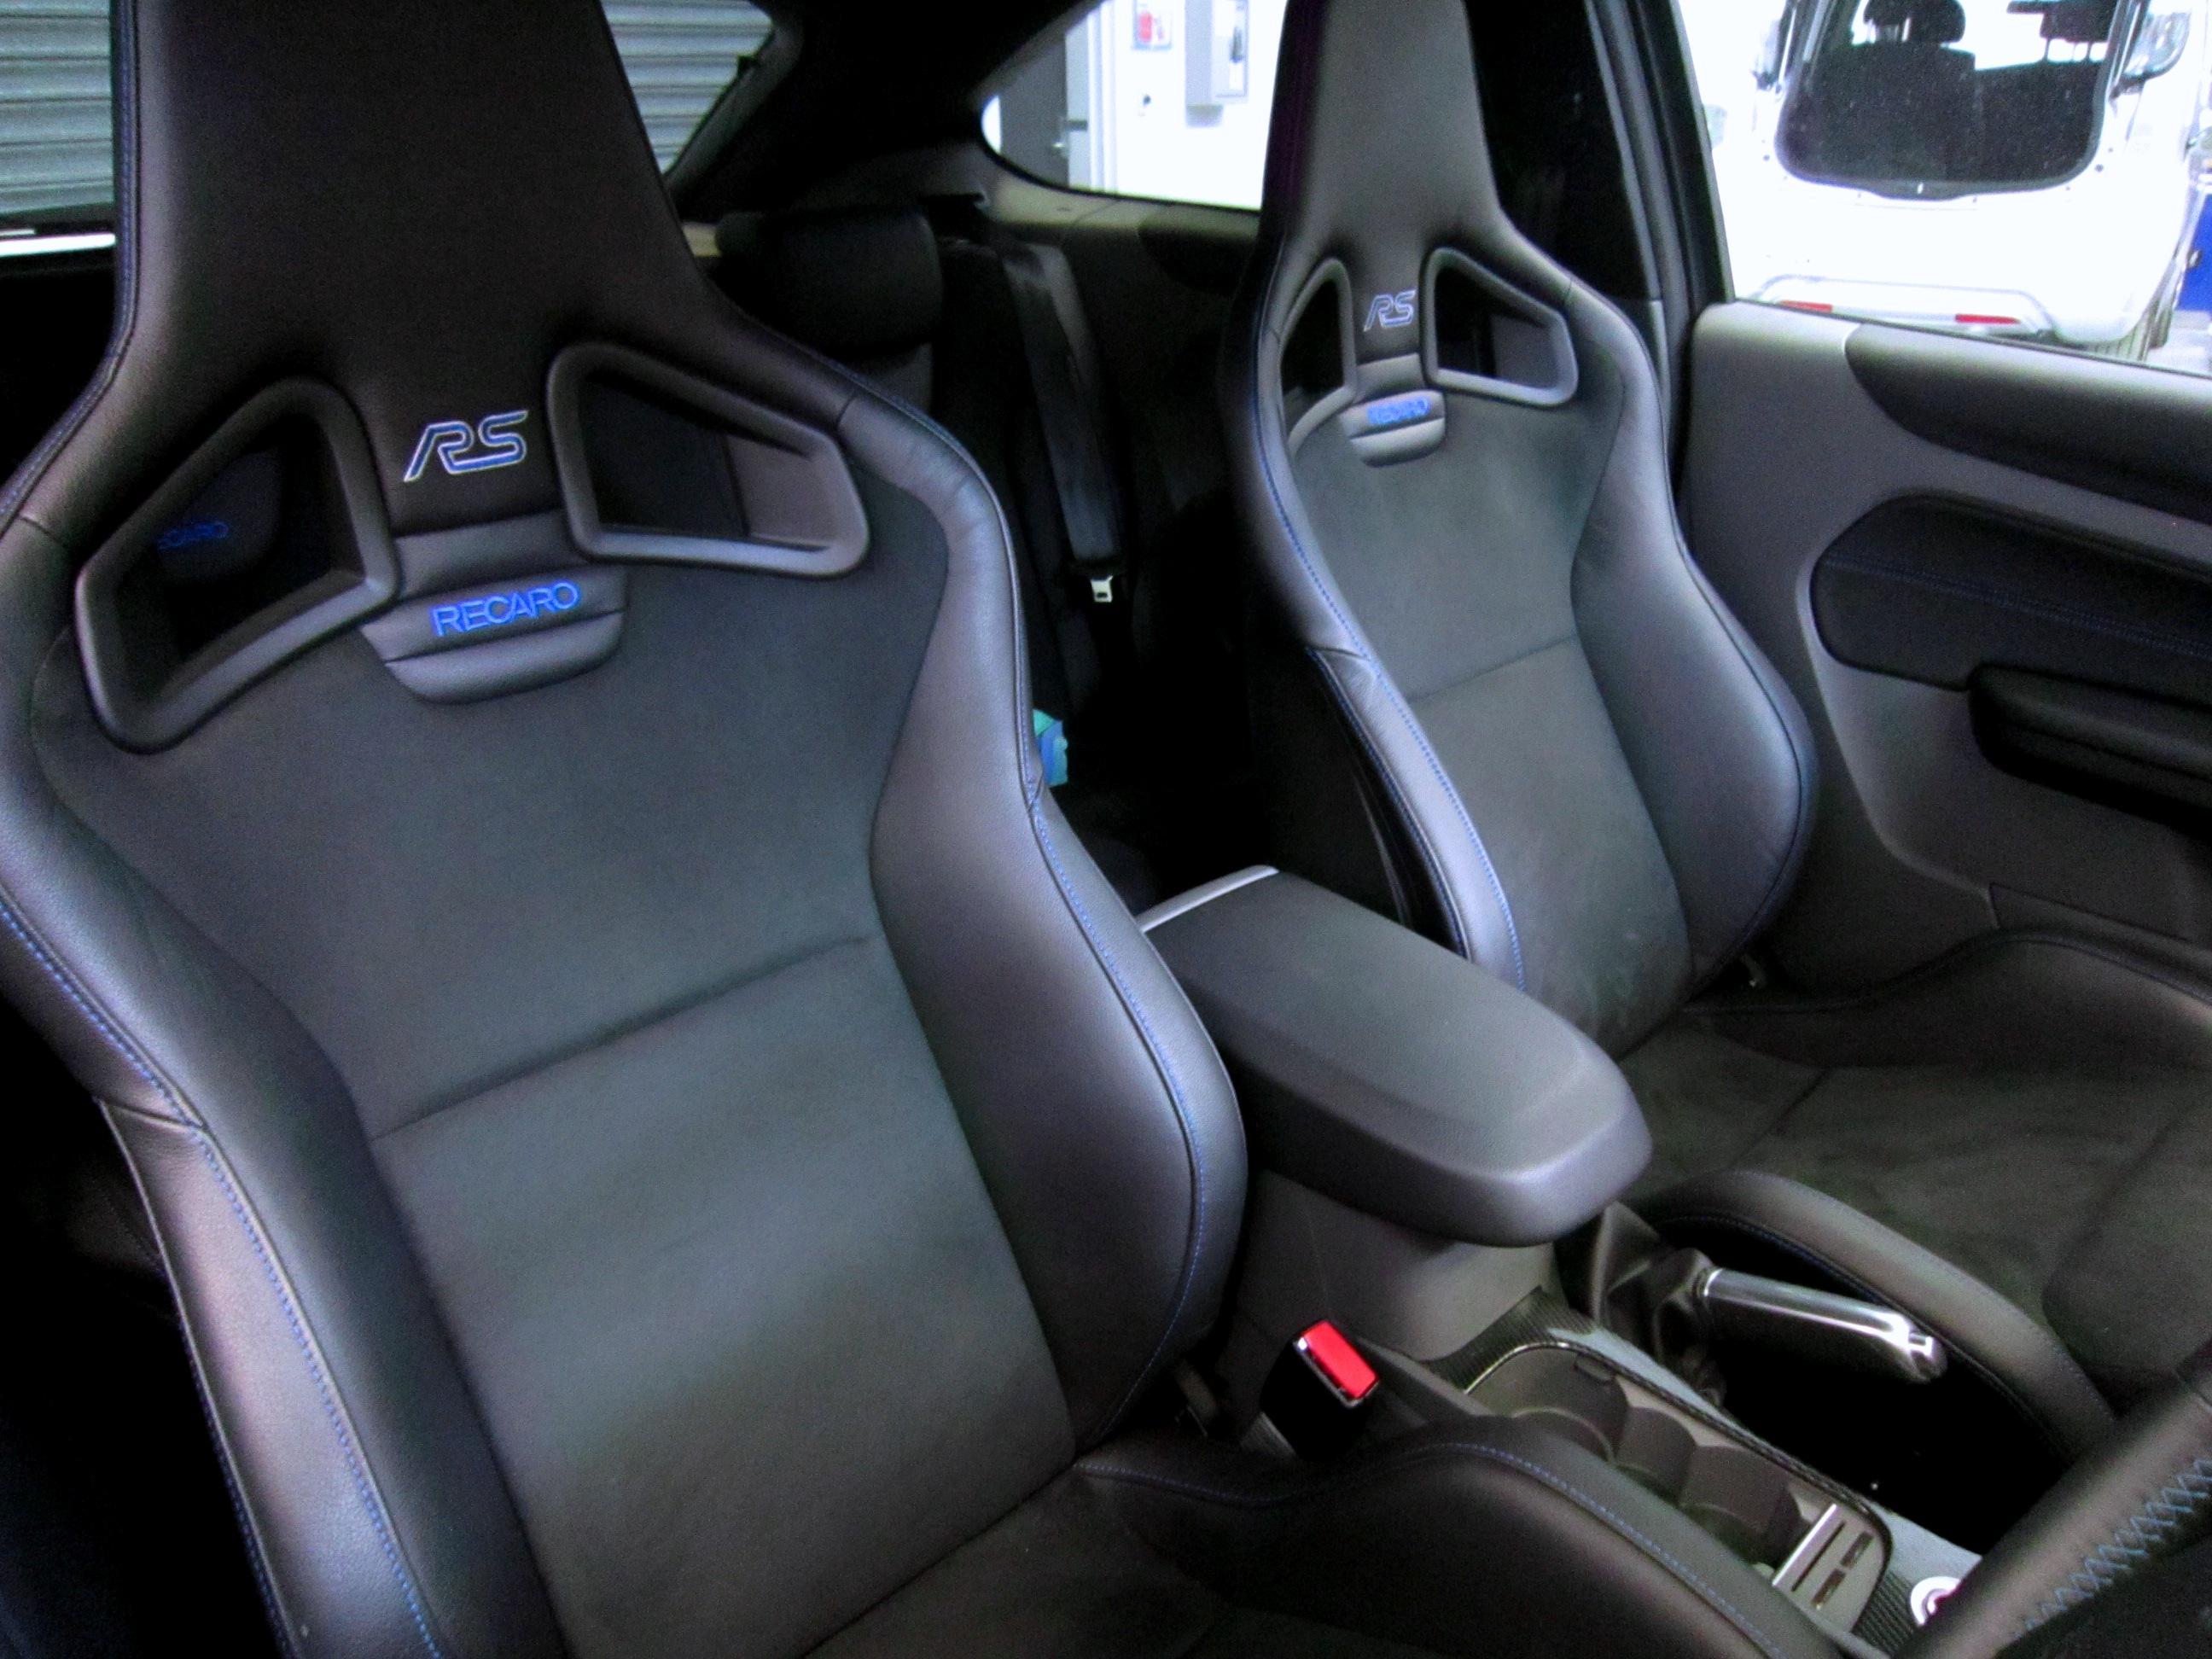 Suzuki Sierra Seat Covers